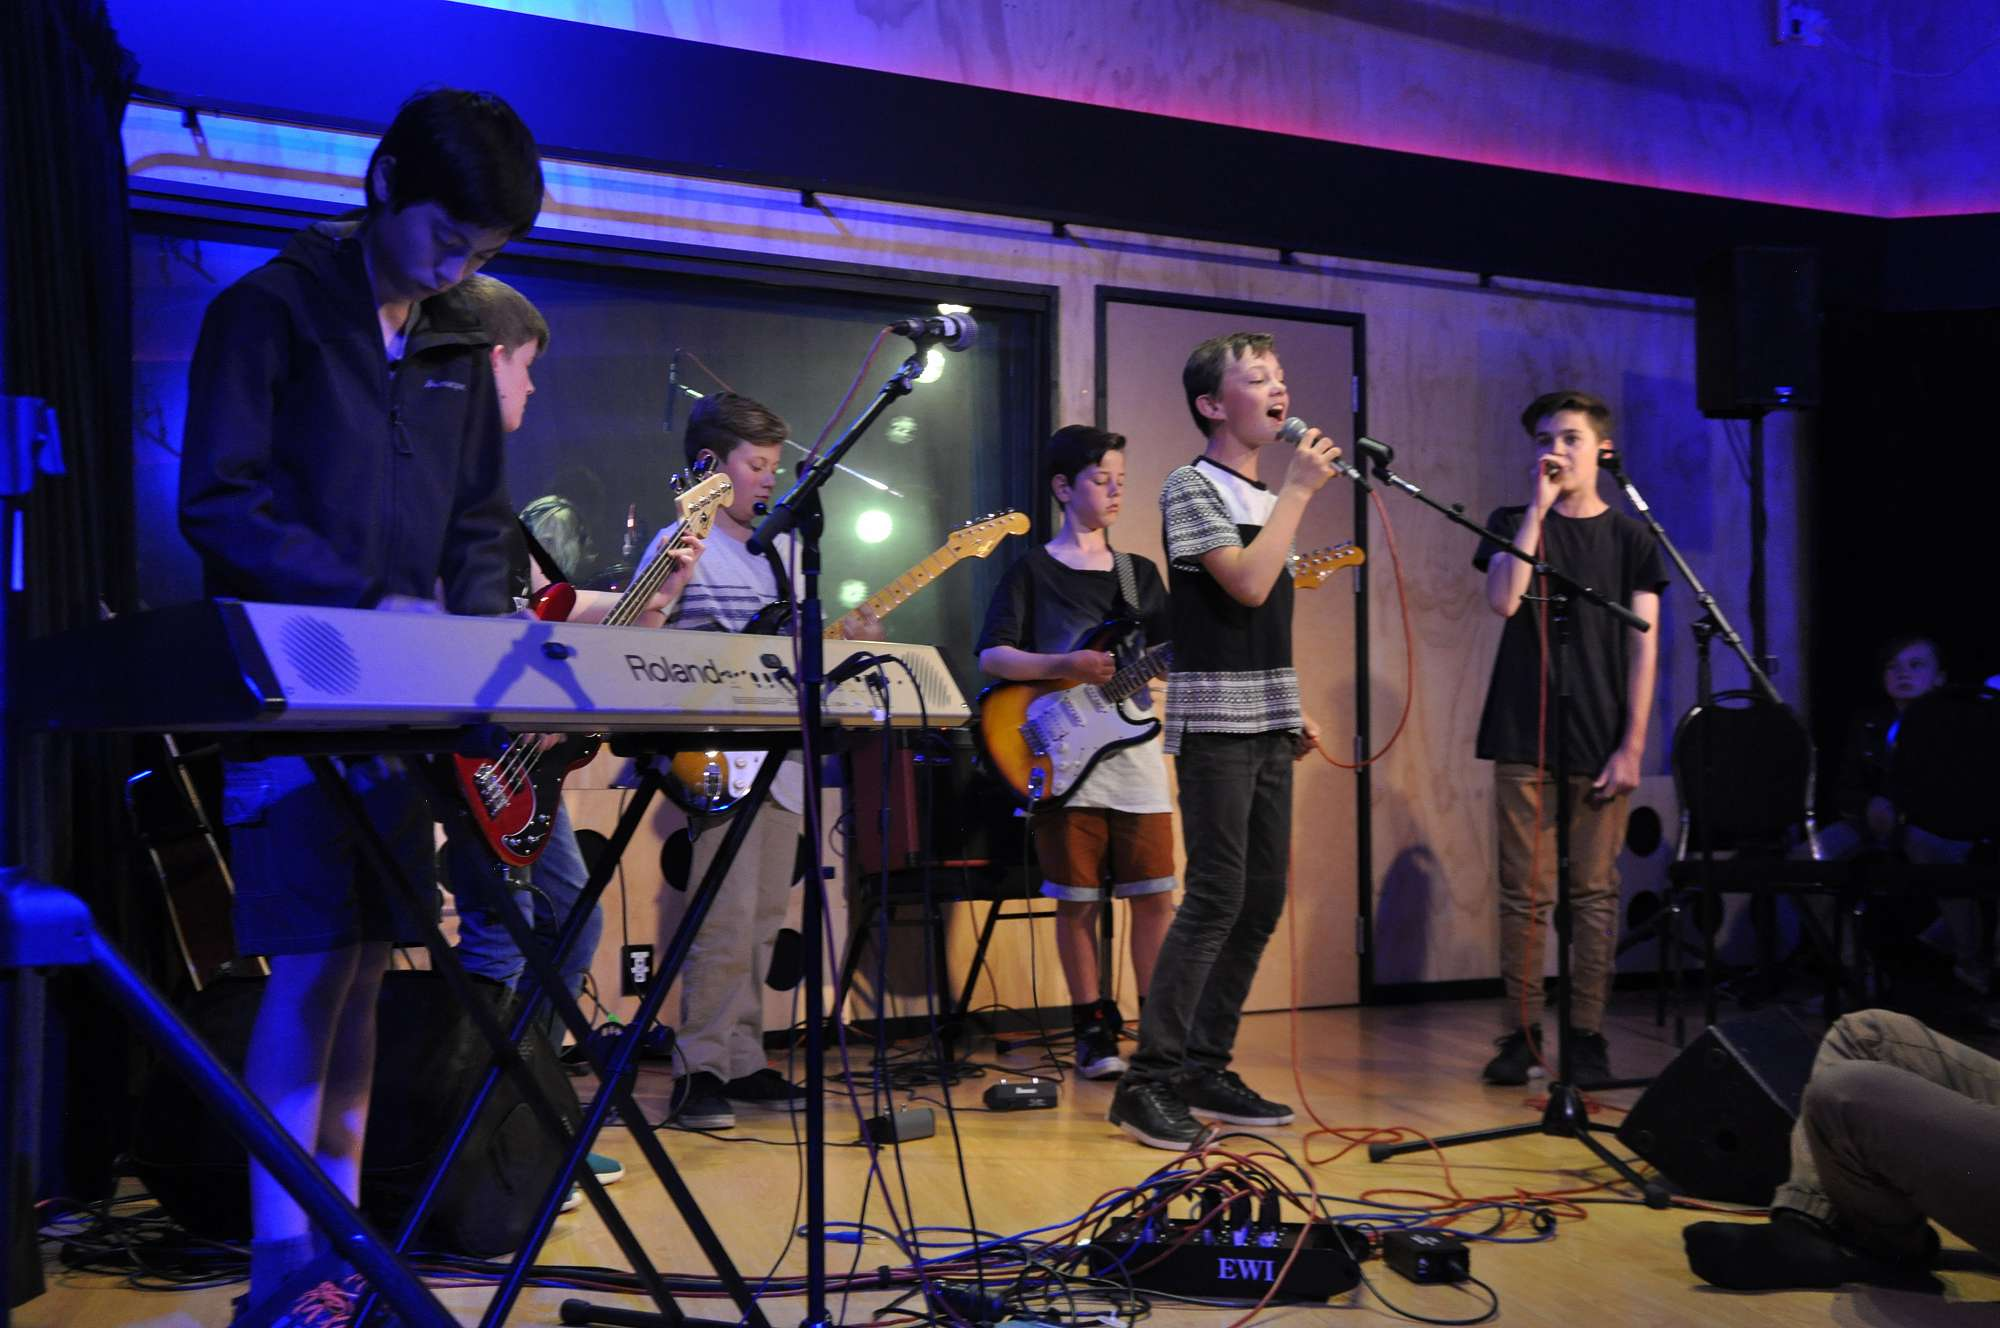 Rock Night Live at Orange